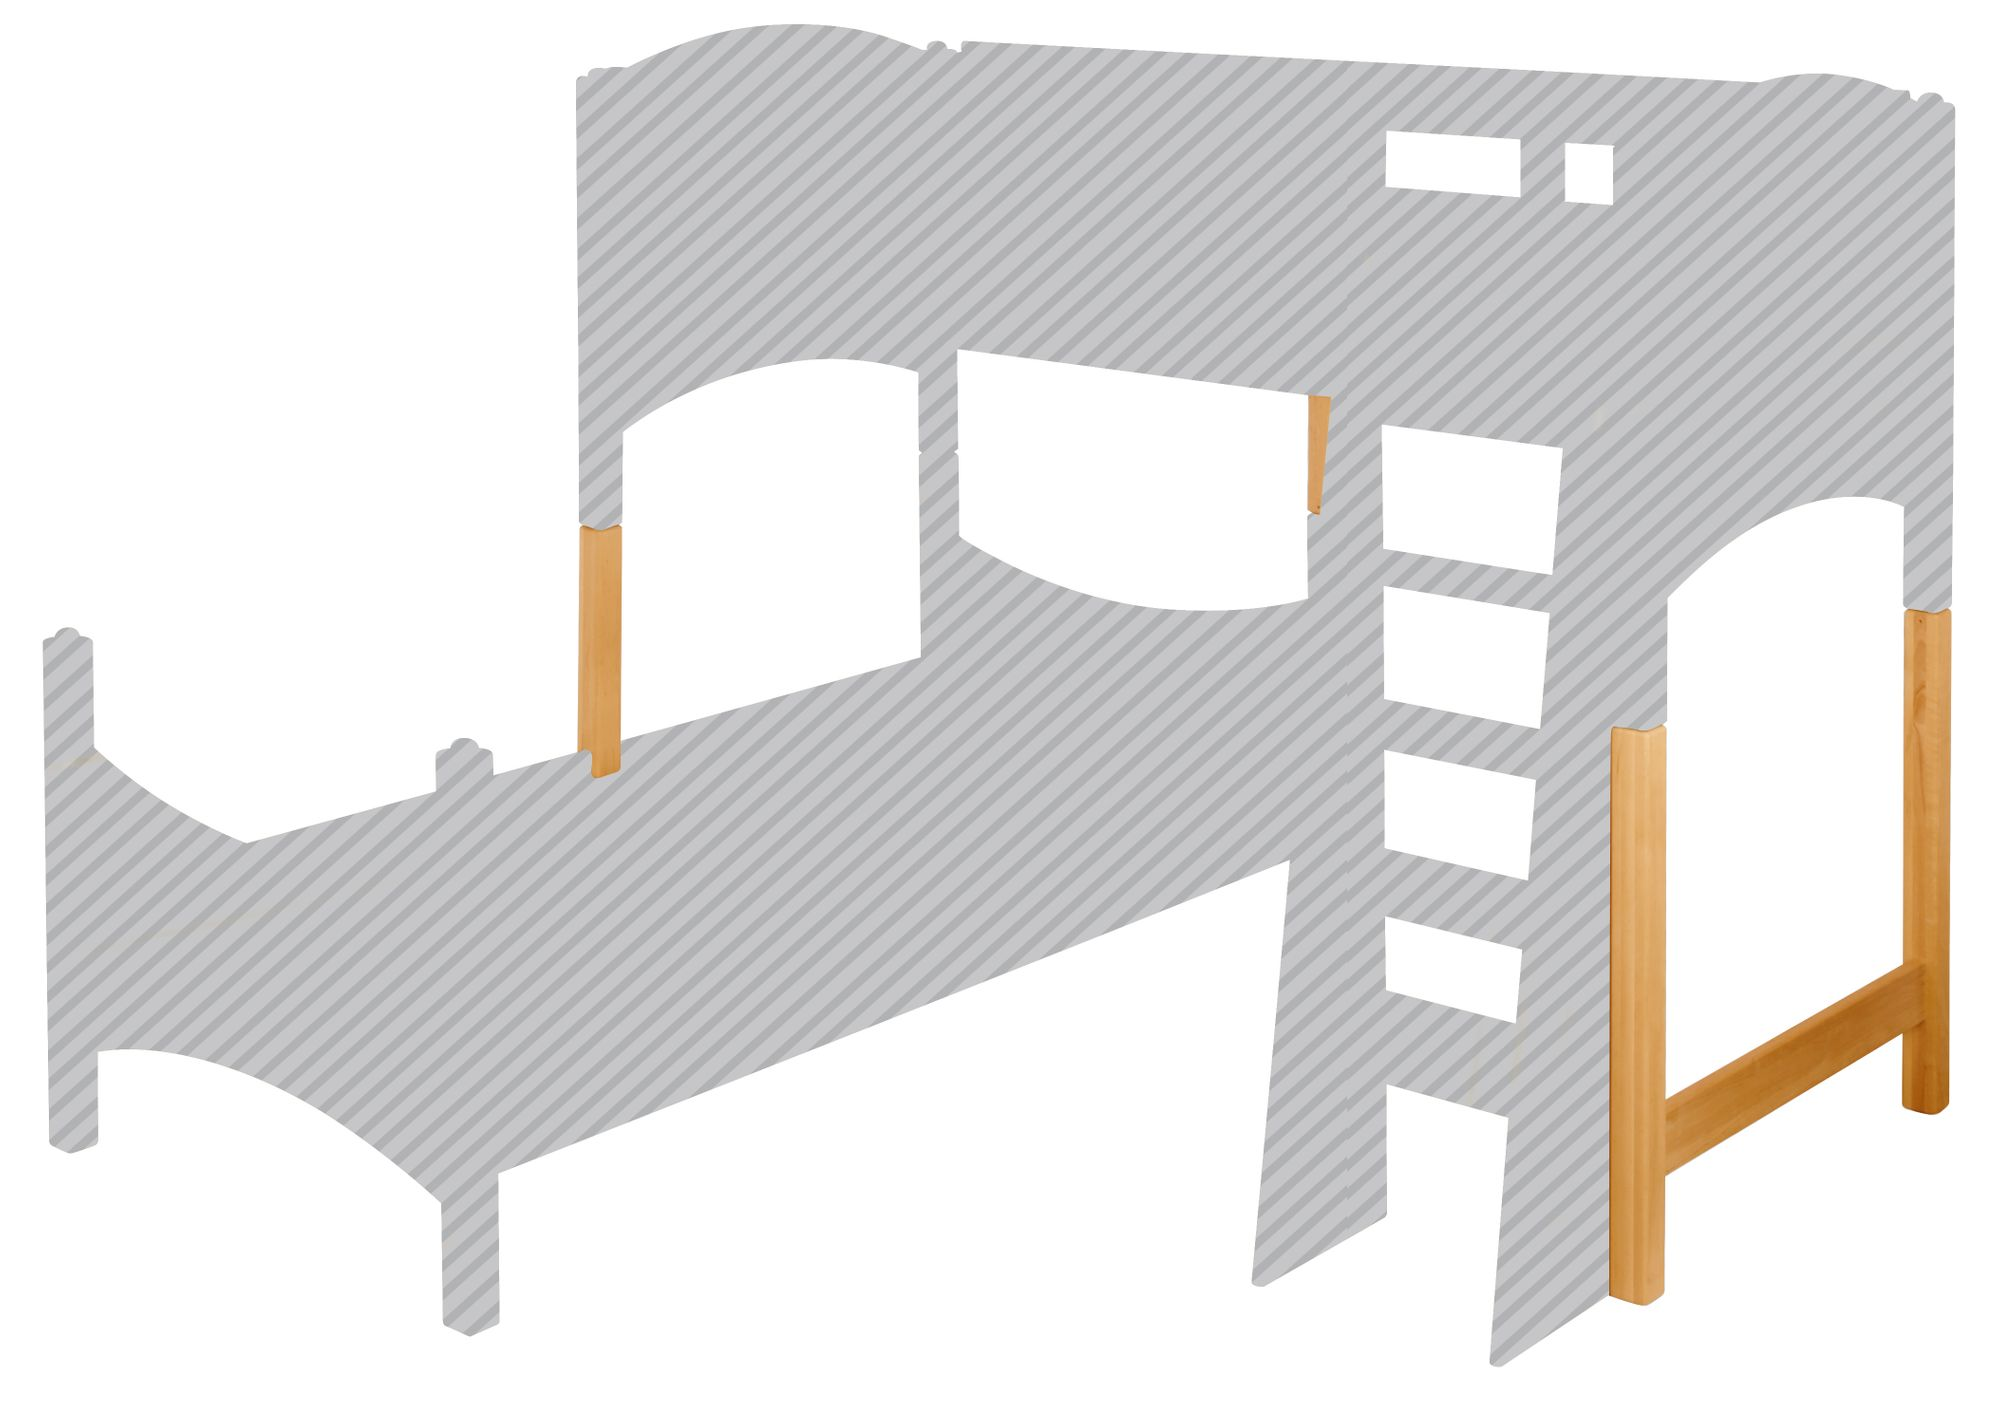 Etagenbett Noah : Biokinder umbauset zum noah etagenbett versetzt erle